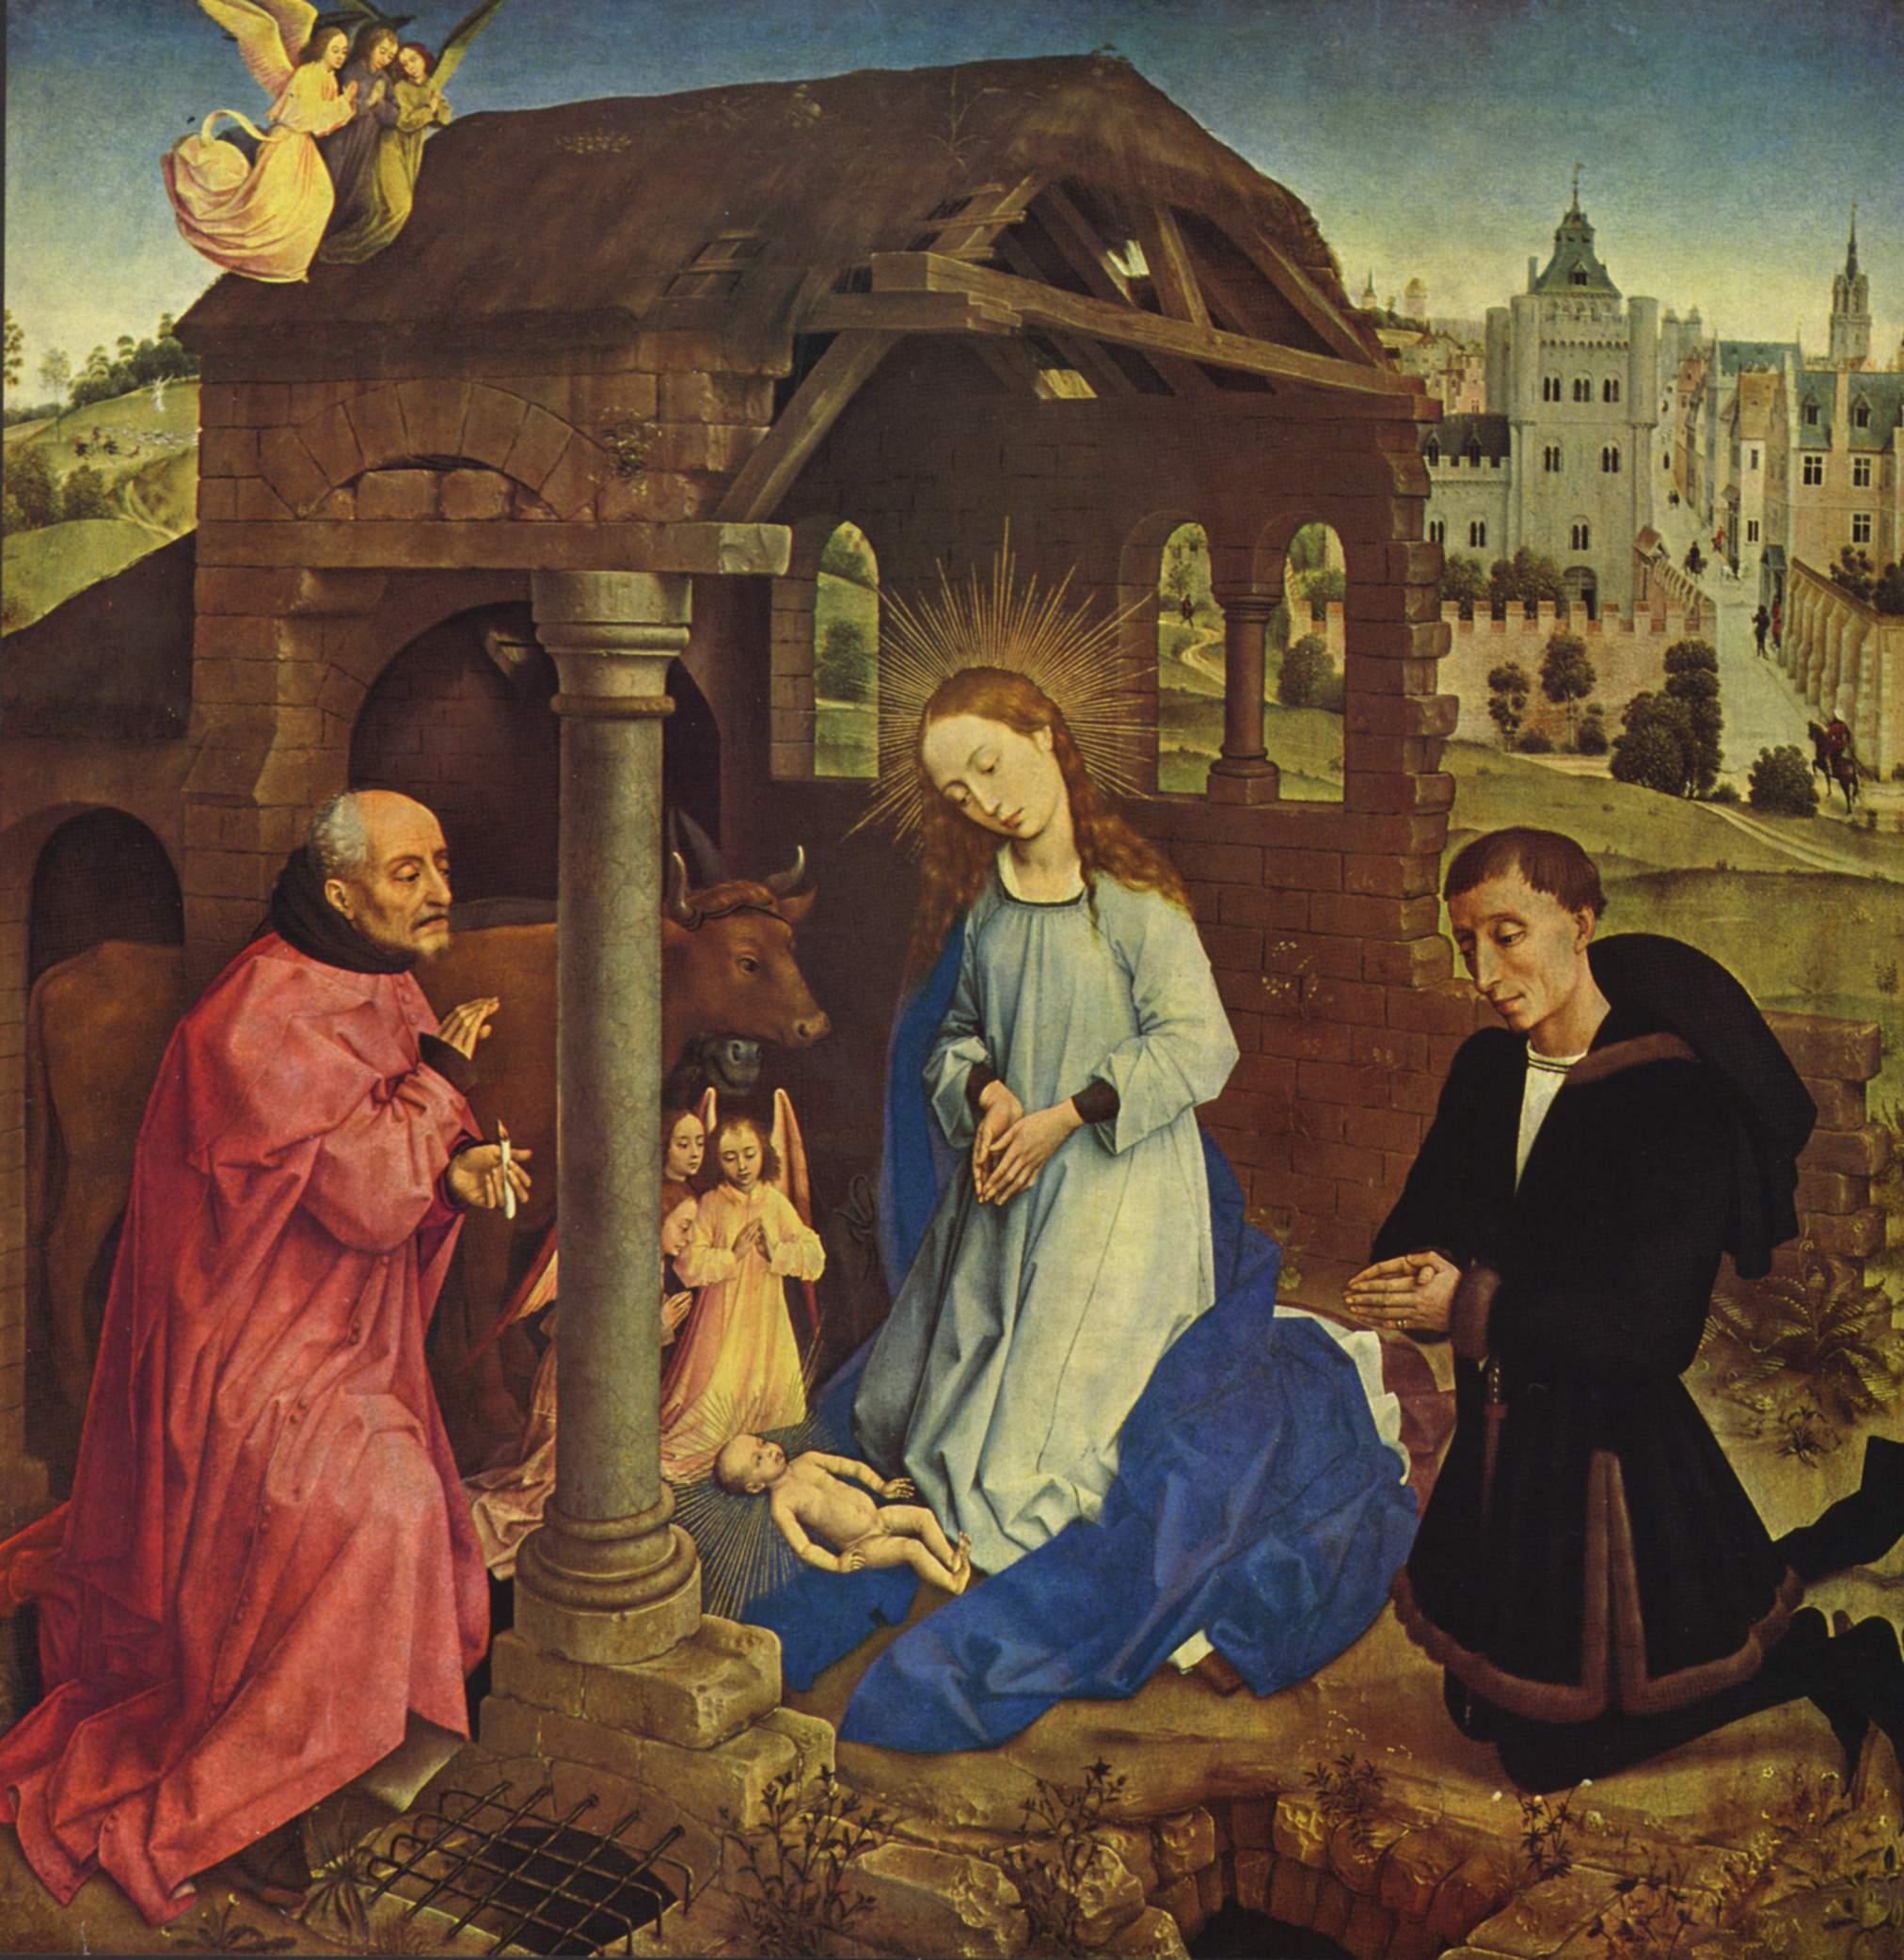 rogier van der weyden essay Find great deals on ebay for rogier van der weyden shop with confidence.